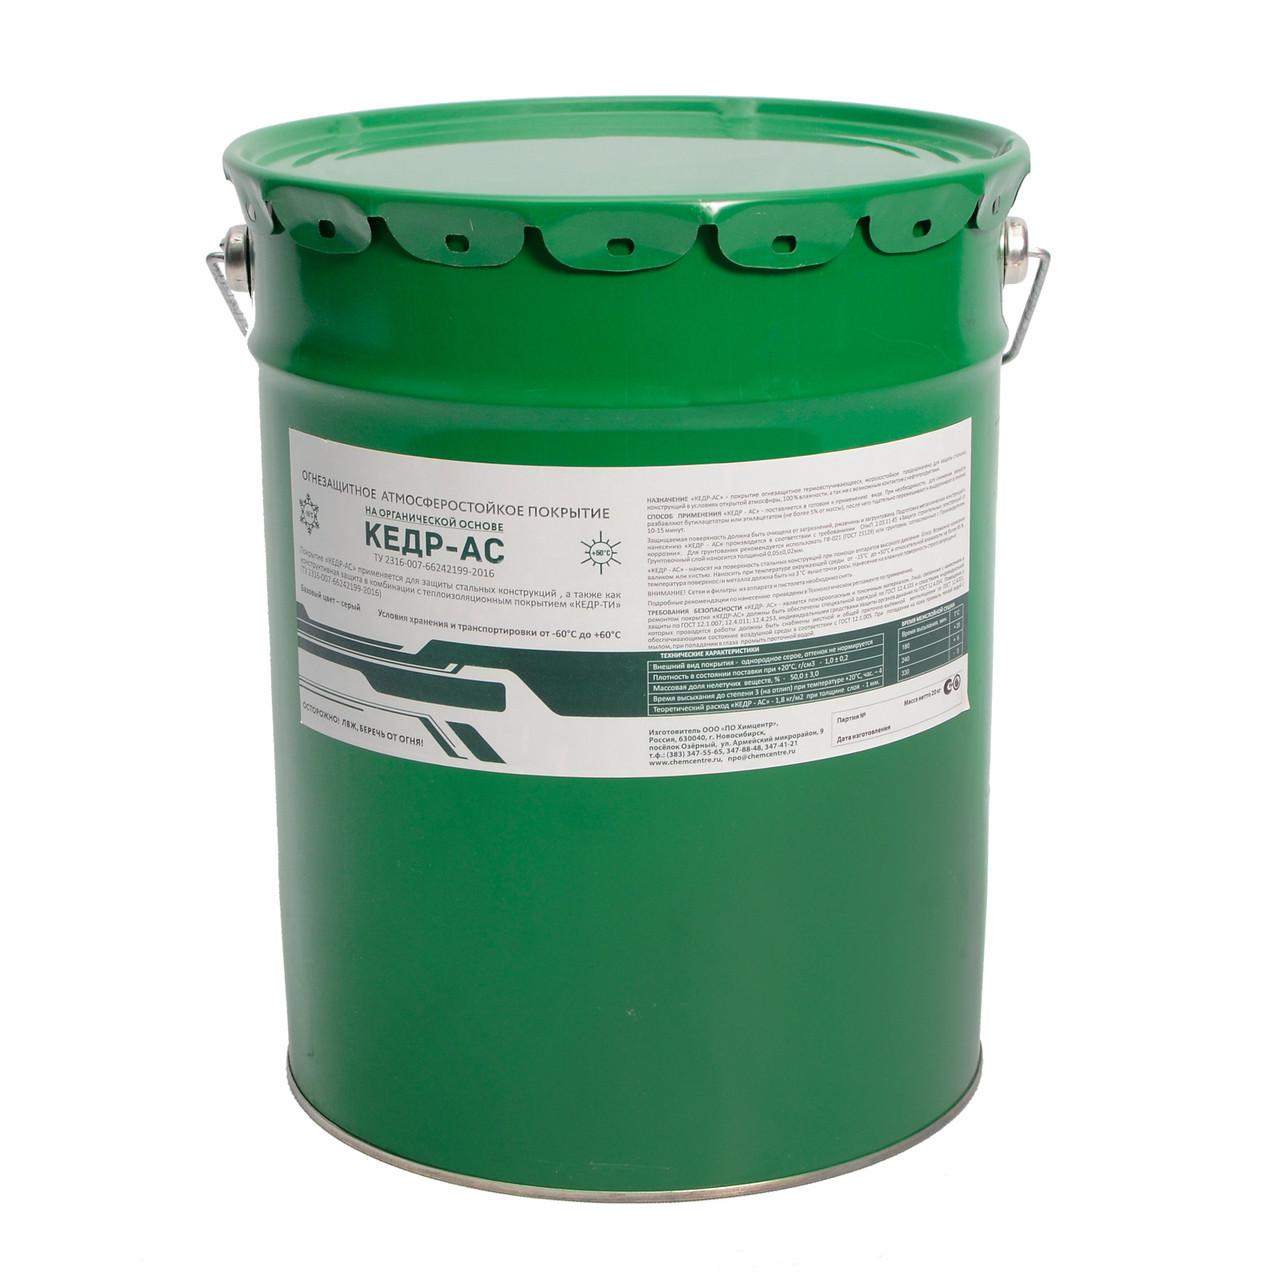 КЕДР-АС огнезащитная атмостферостойкая краска для металла